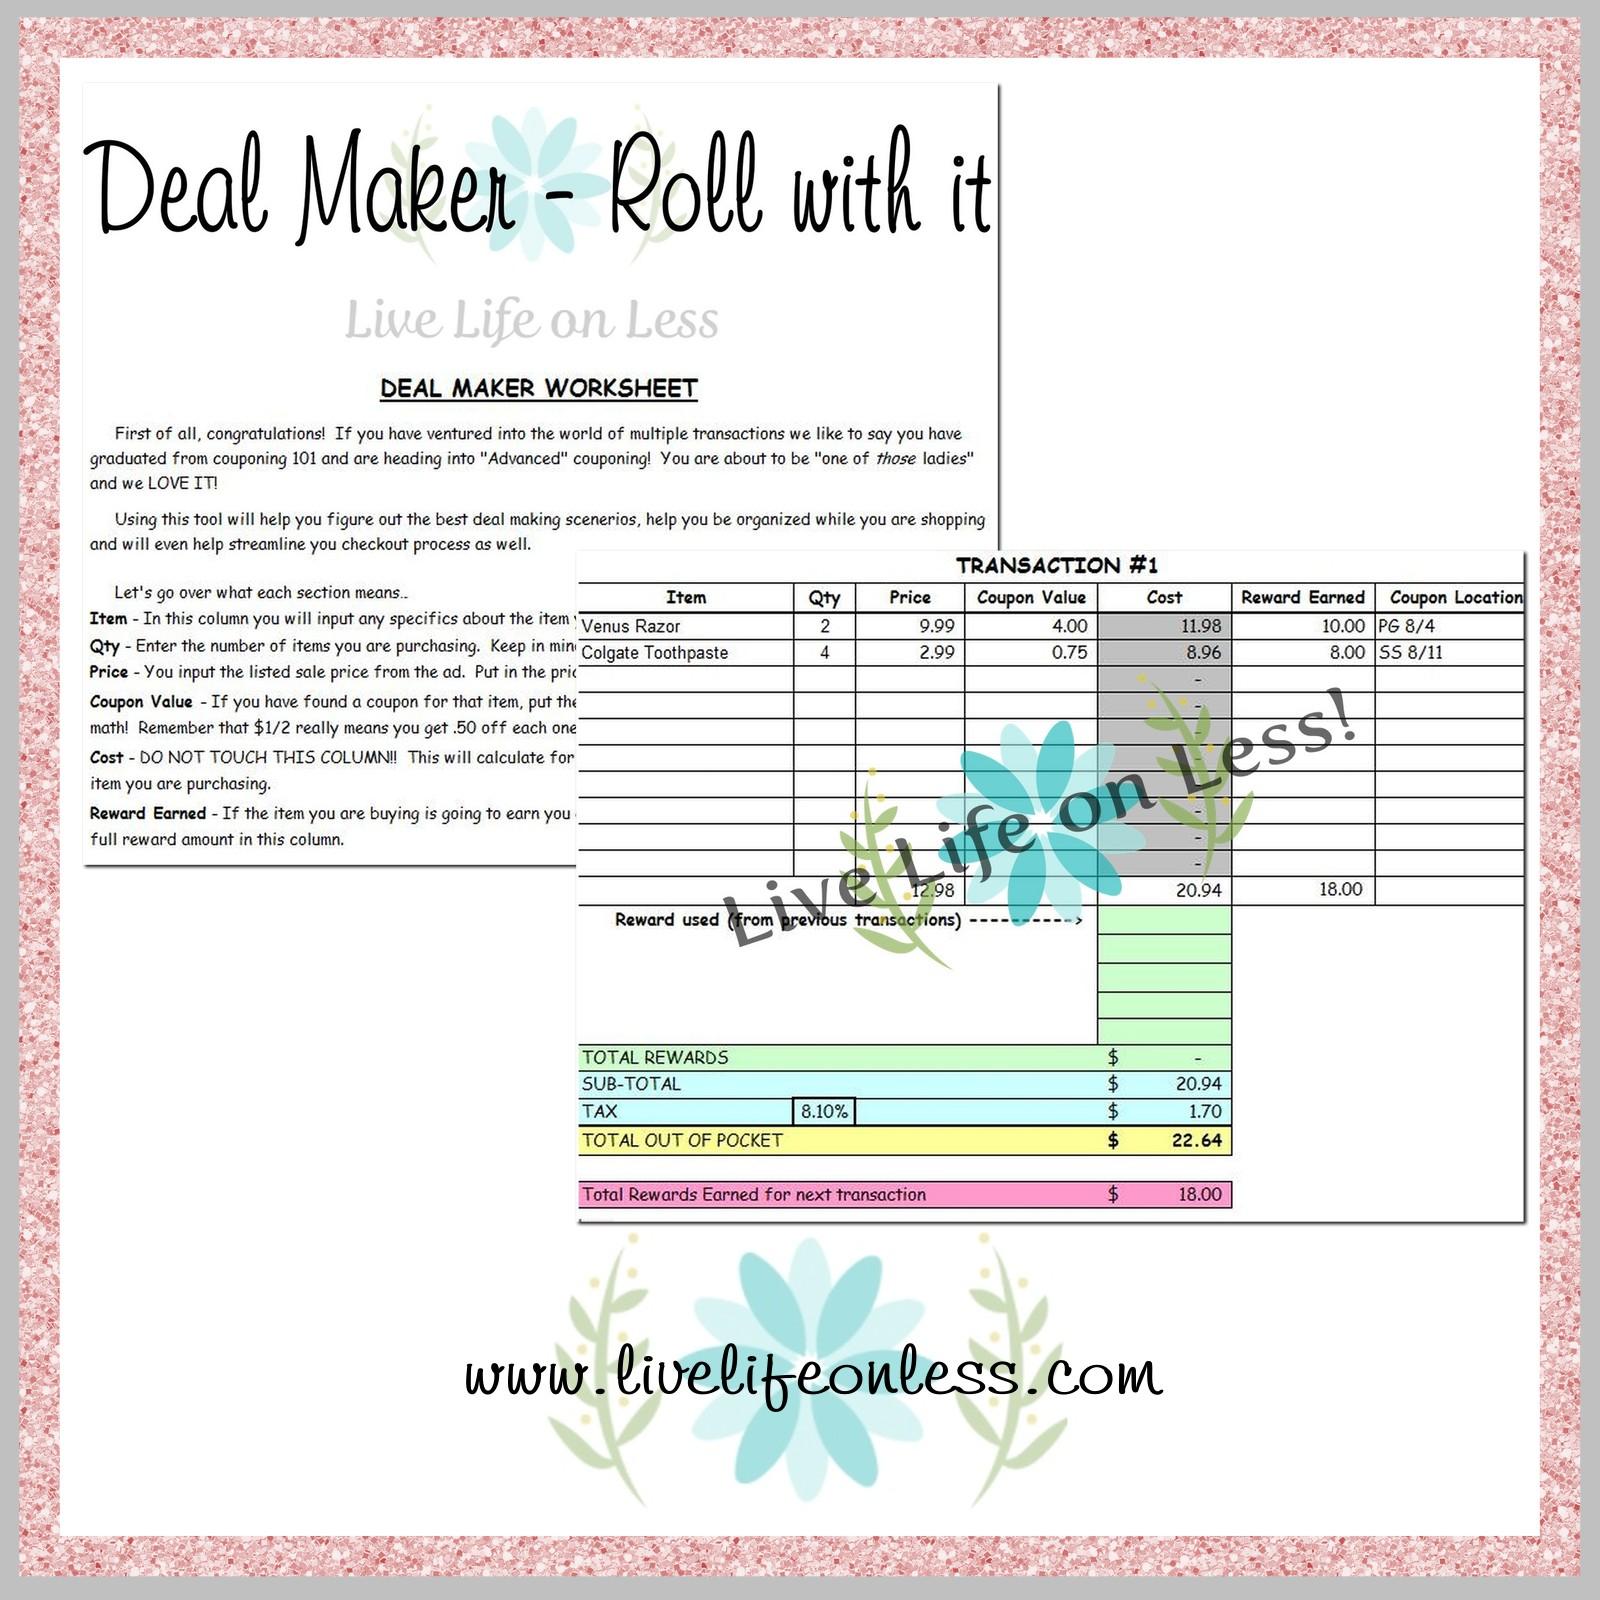 Deal Maker Rolling Transaction Worksheet Live Life On Less